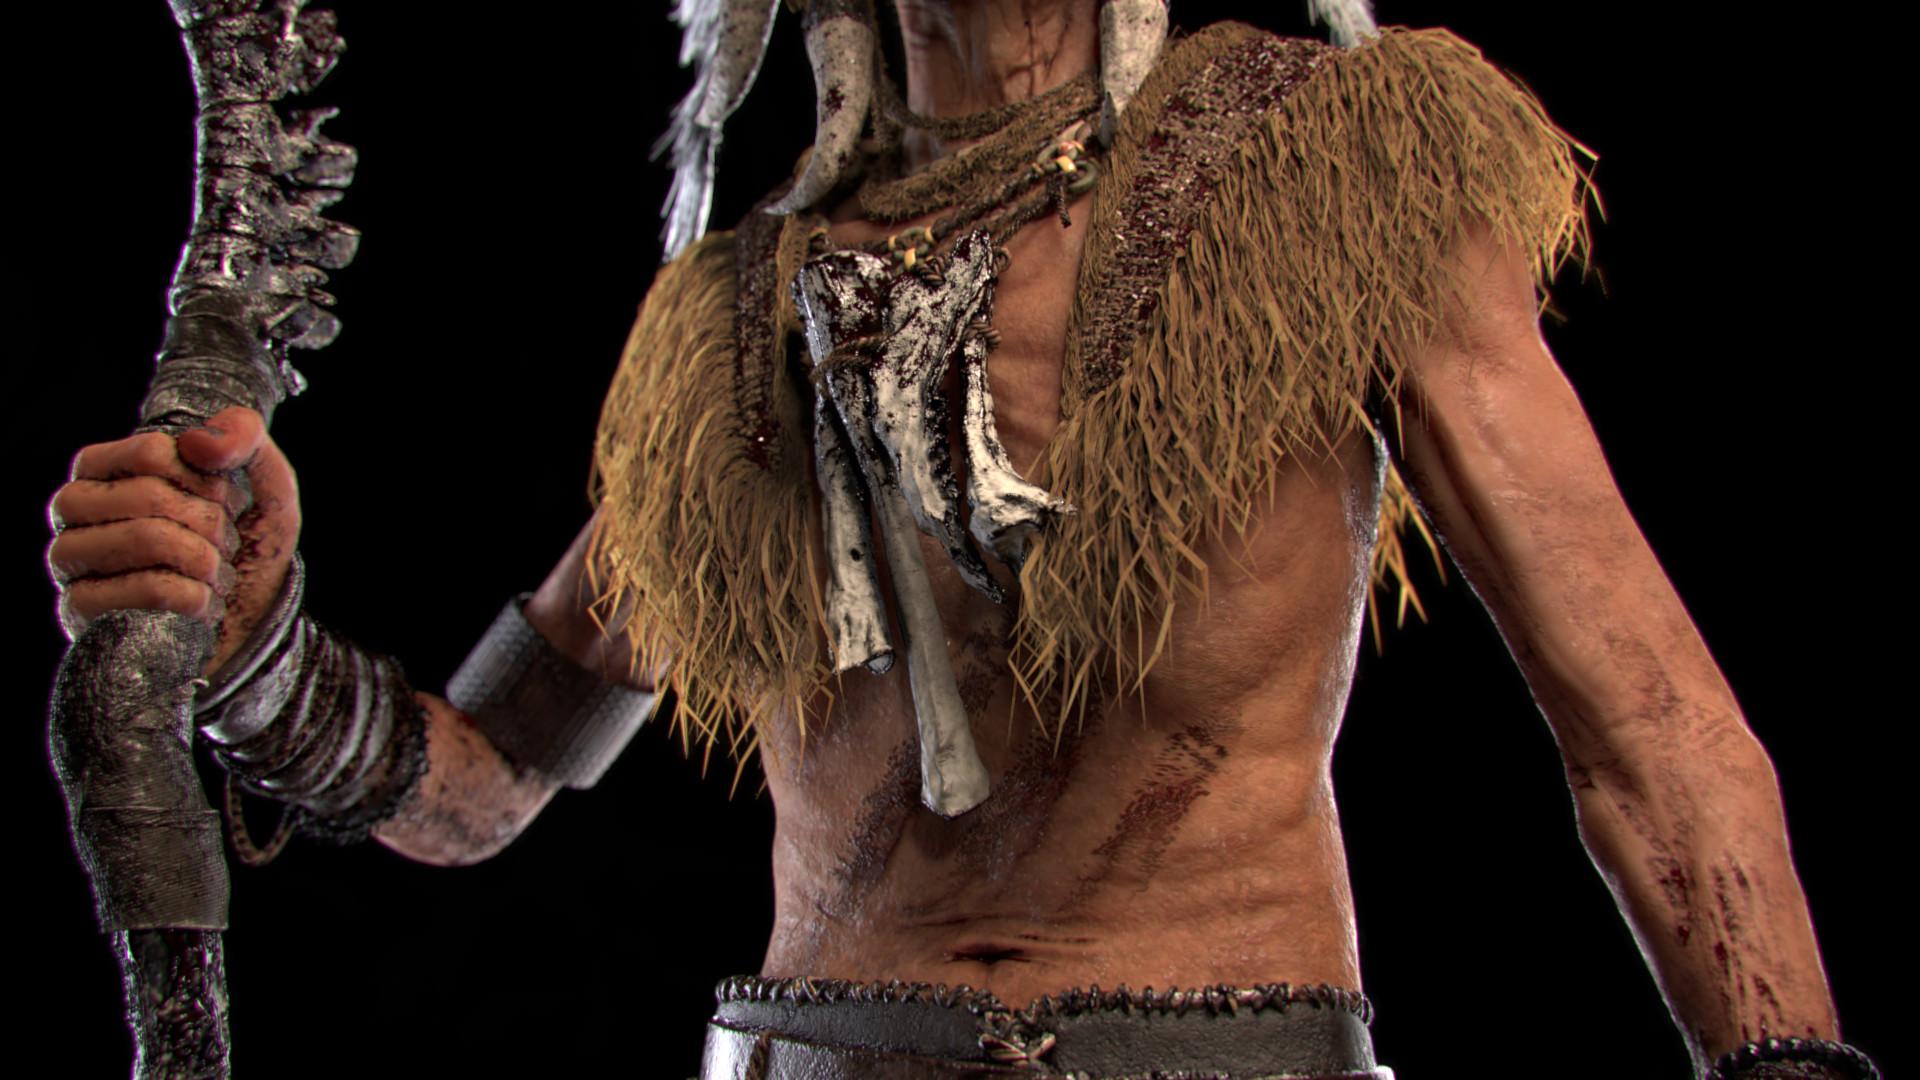 Brian lesiangi shaman 03